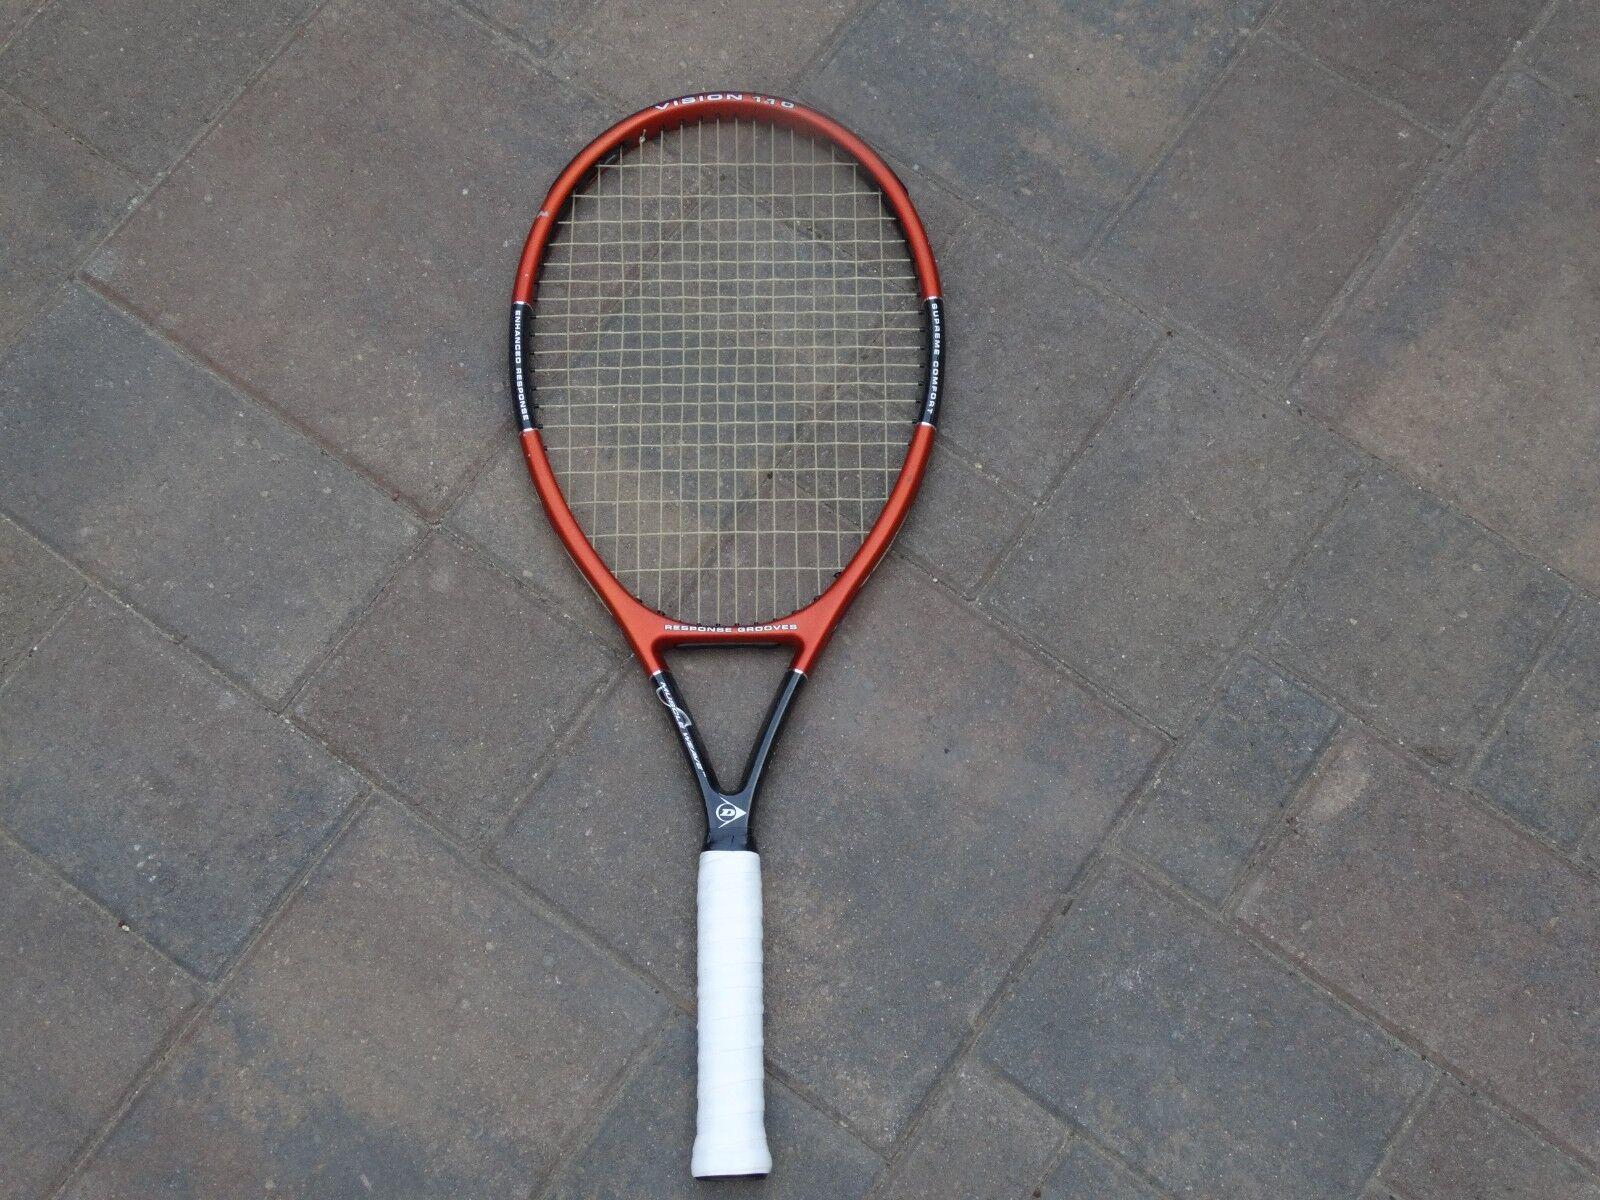 Dunlop Vision 110 Raqueta De Tenis Raqueta surcos de respuesta de tejido muscular  8